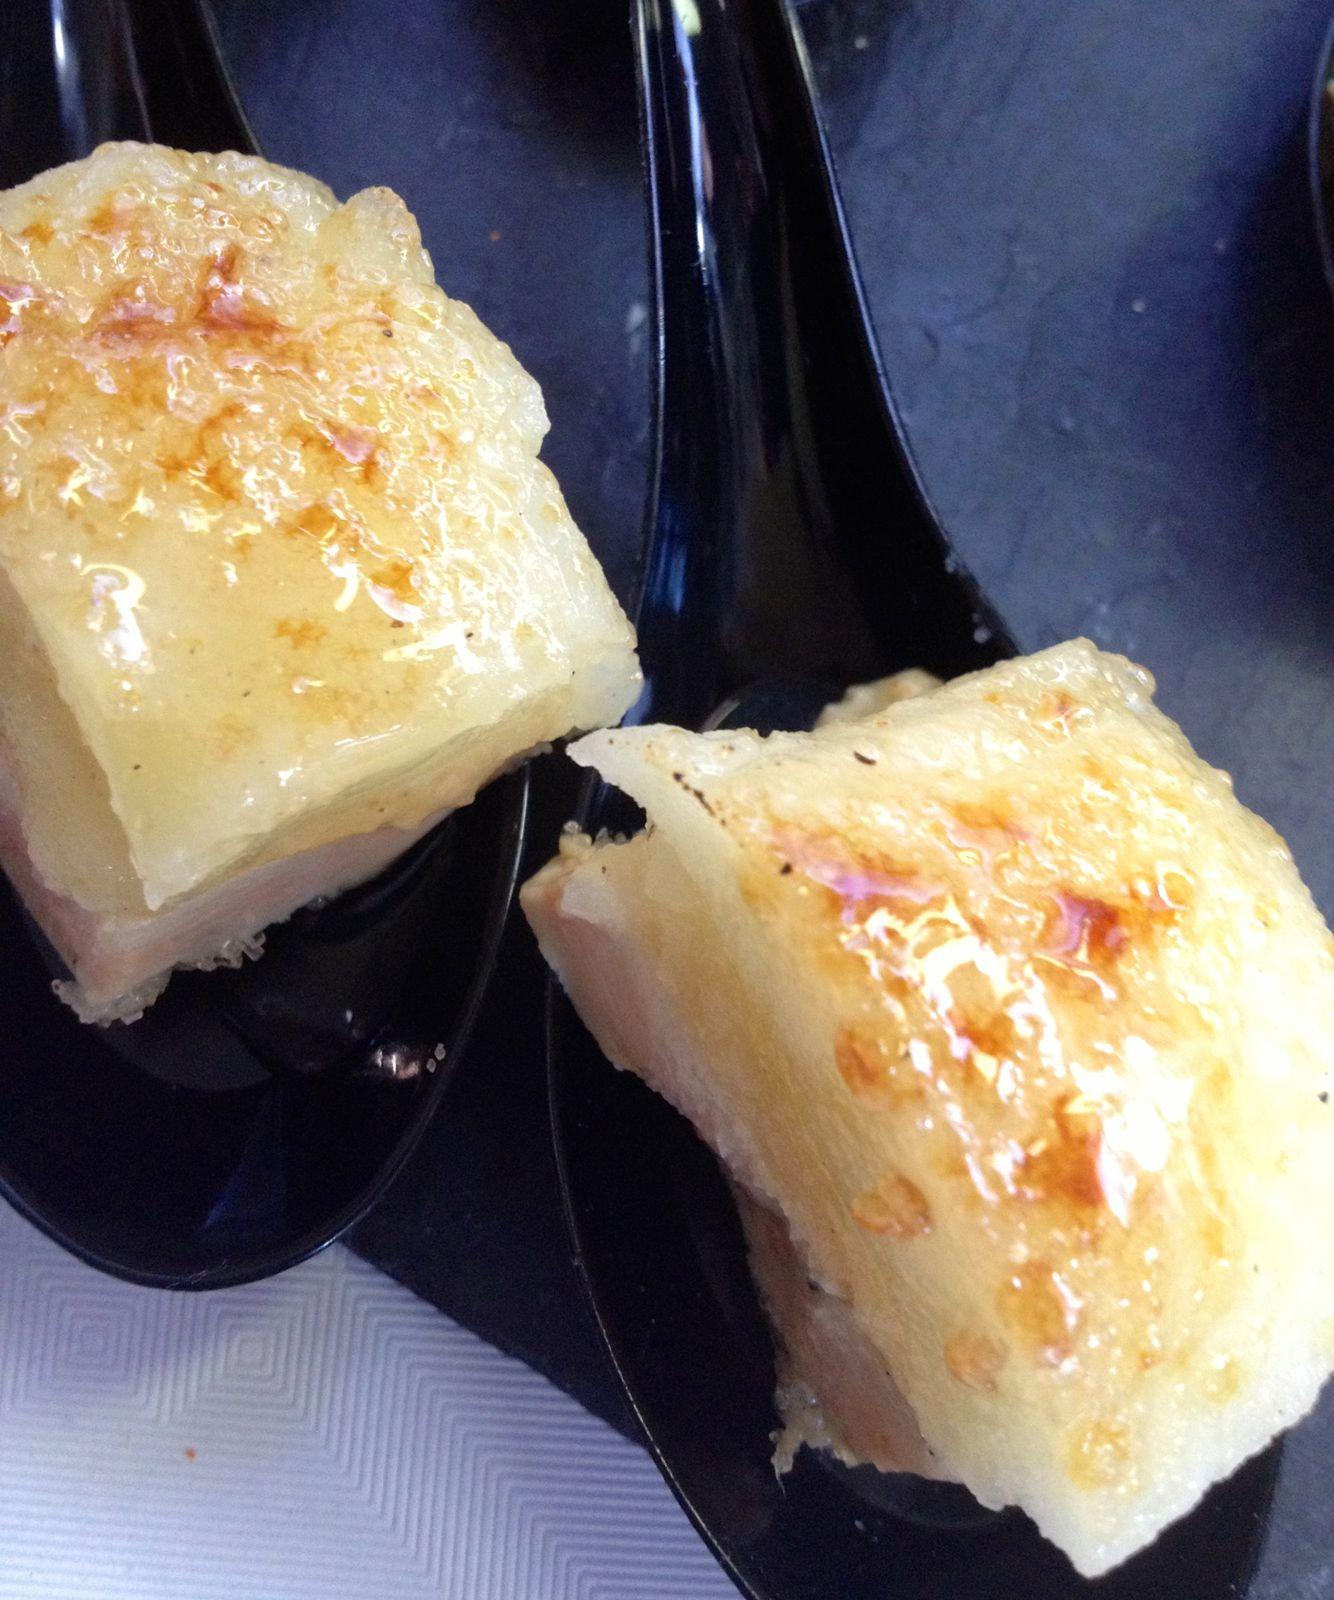 Foie gras aux pommes façon crème brulée par Eric Dequin, Auberge Labarthe à Borsdarros